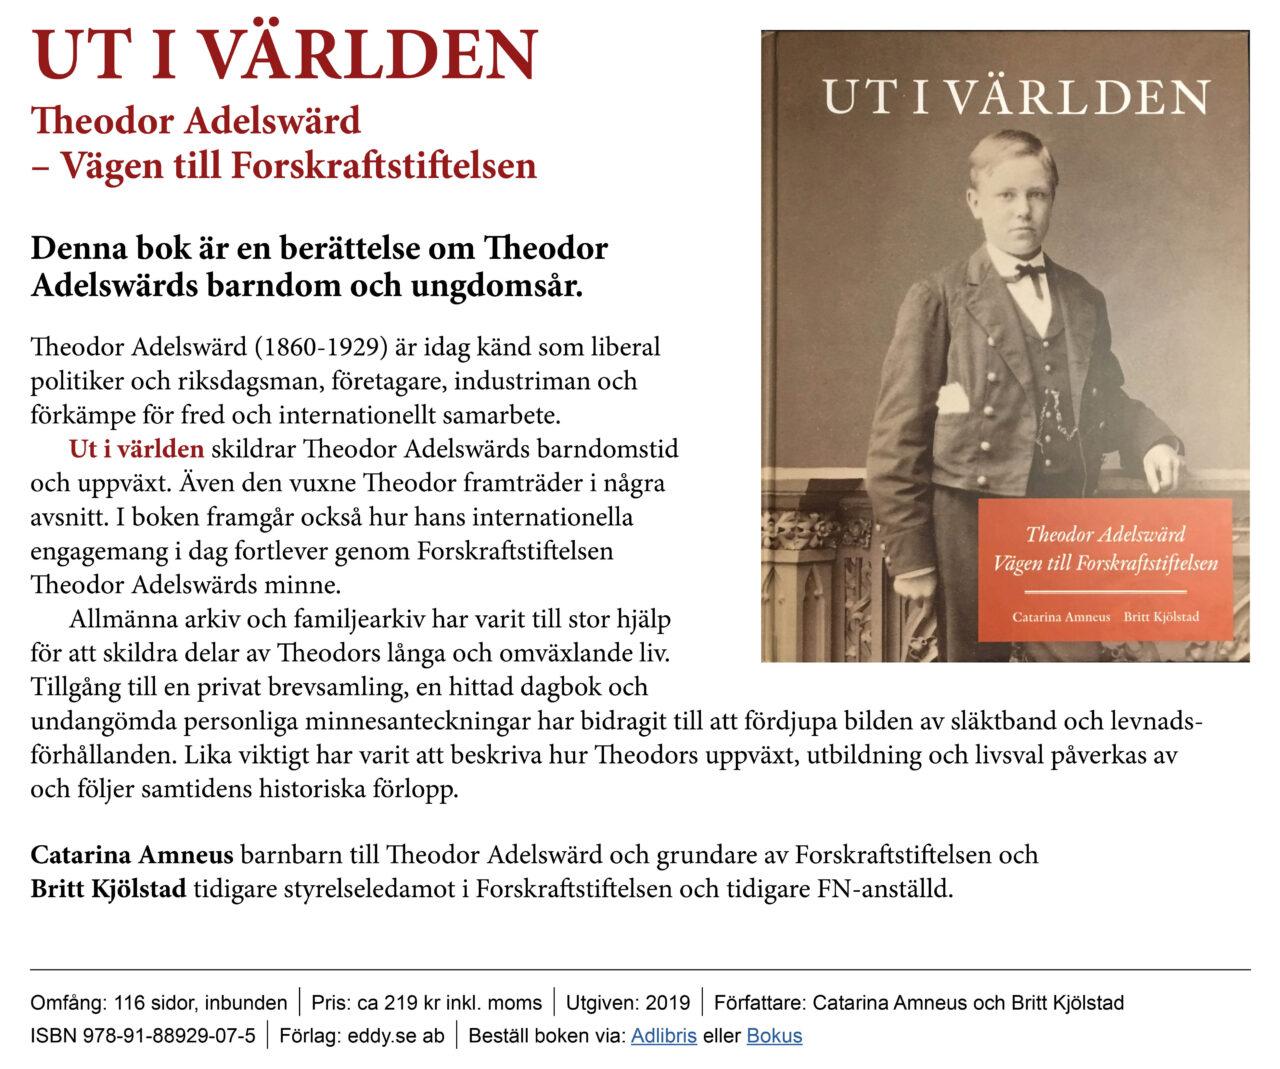 Ut i världen, Theodor Adelswärd – Vägen till Forskraftstiftelsen